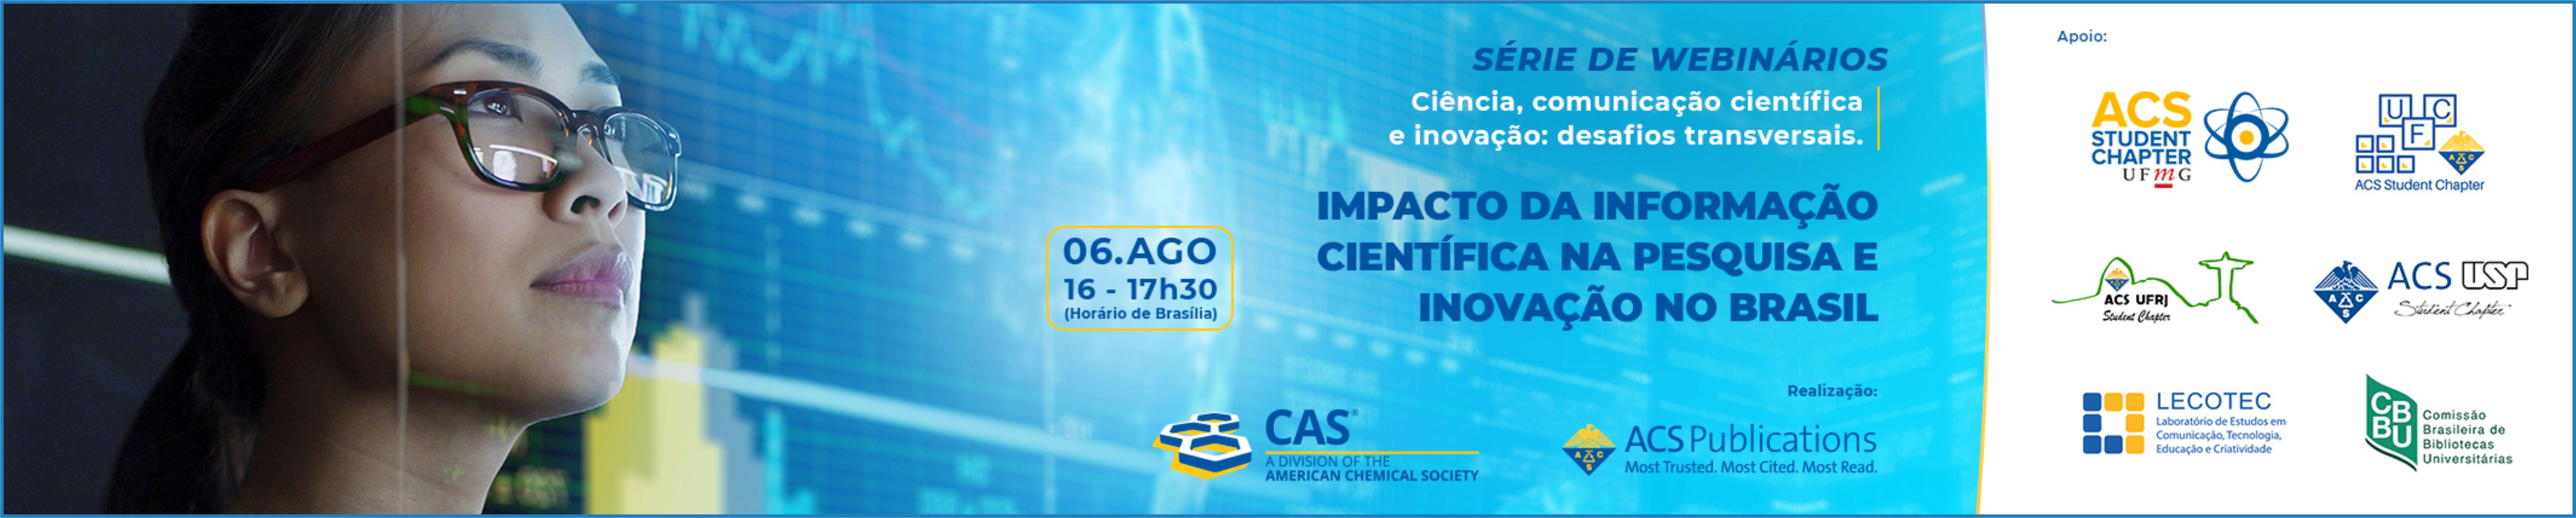 Webinário 3 - Série ACS 2020